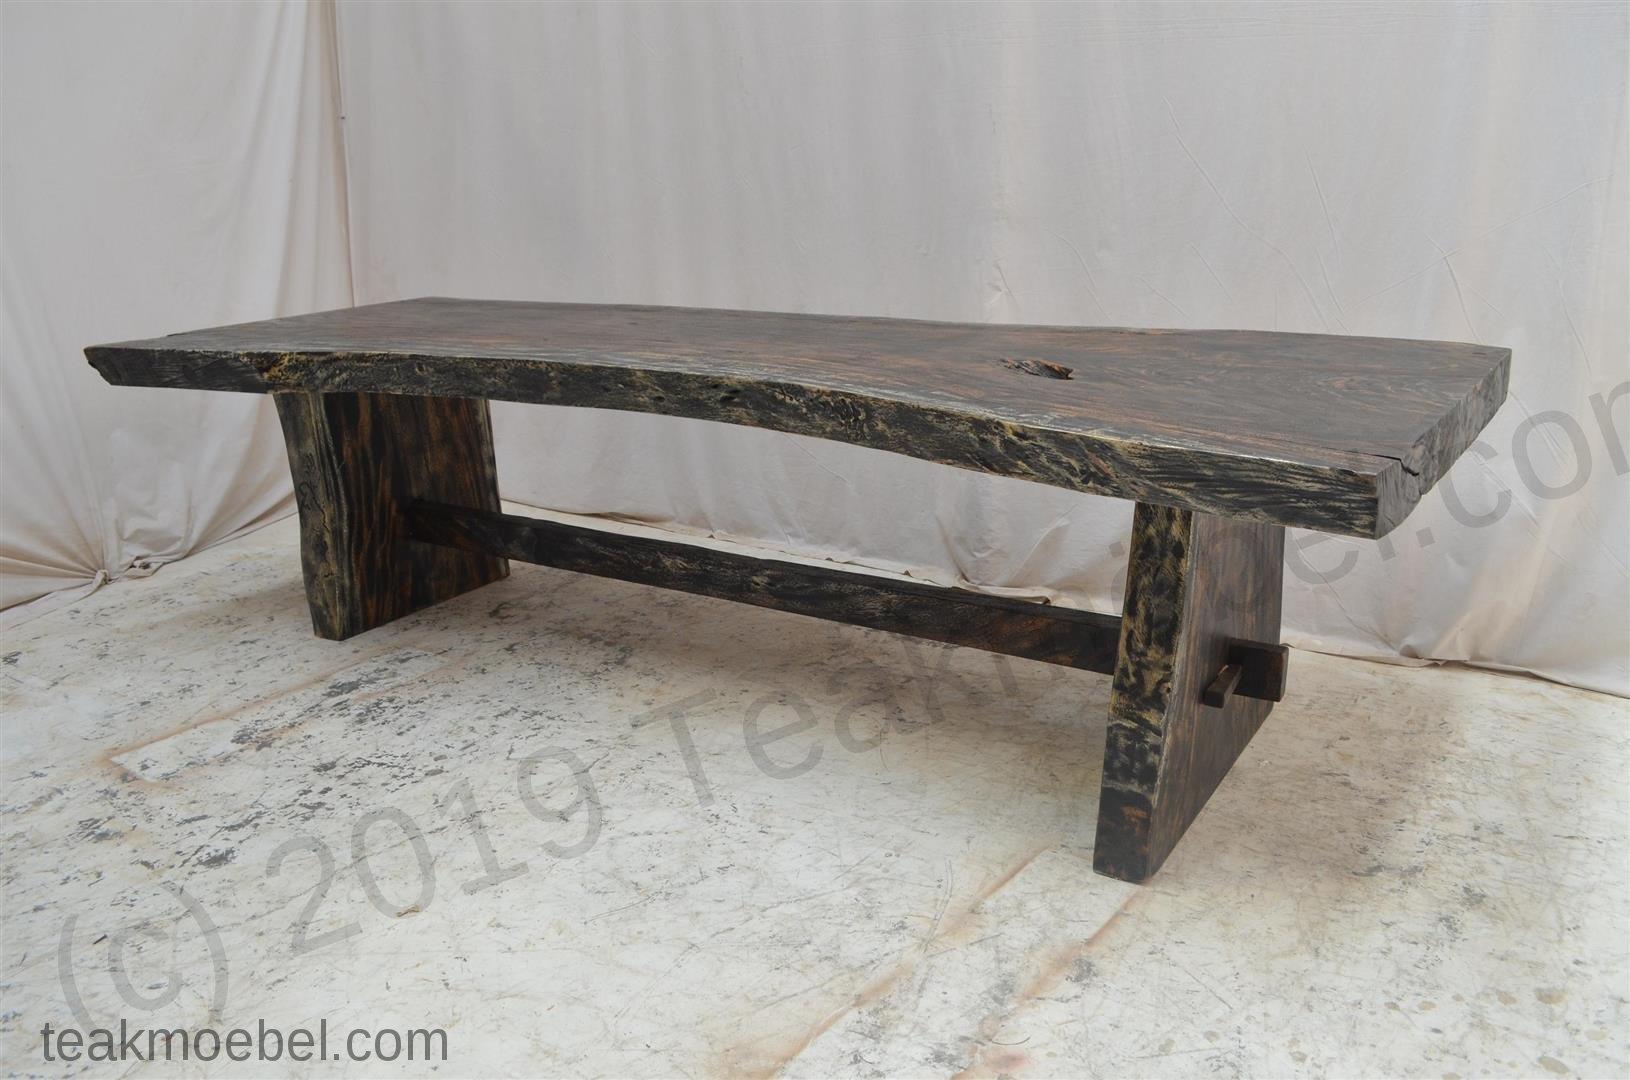 baumstamm tisch blackwash 250cm teakm. Black Bedroom Furniture Sets. Home Design Ideas